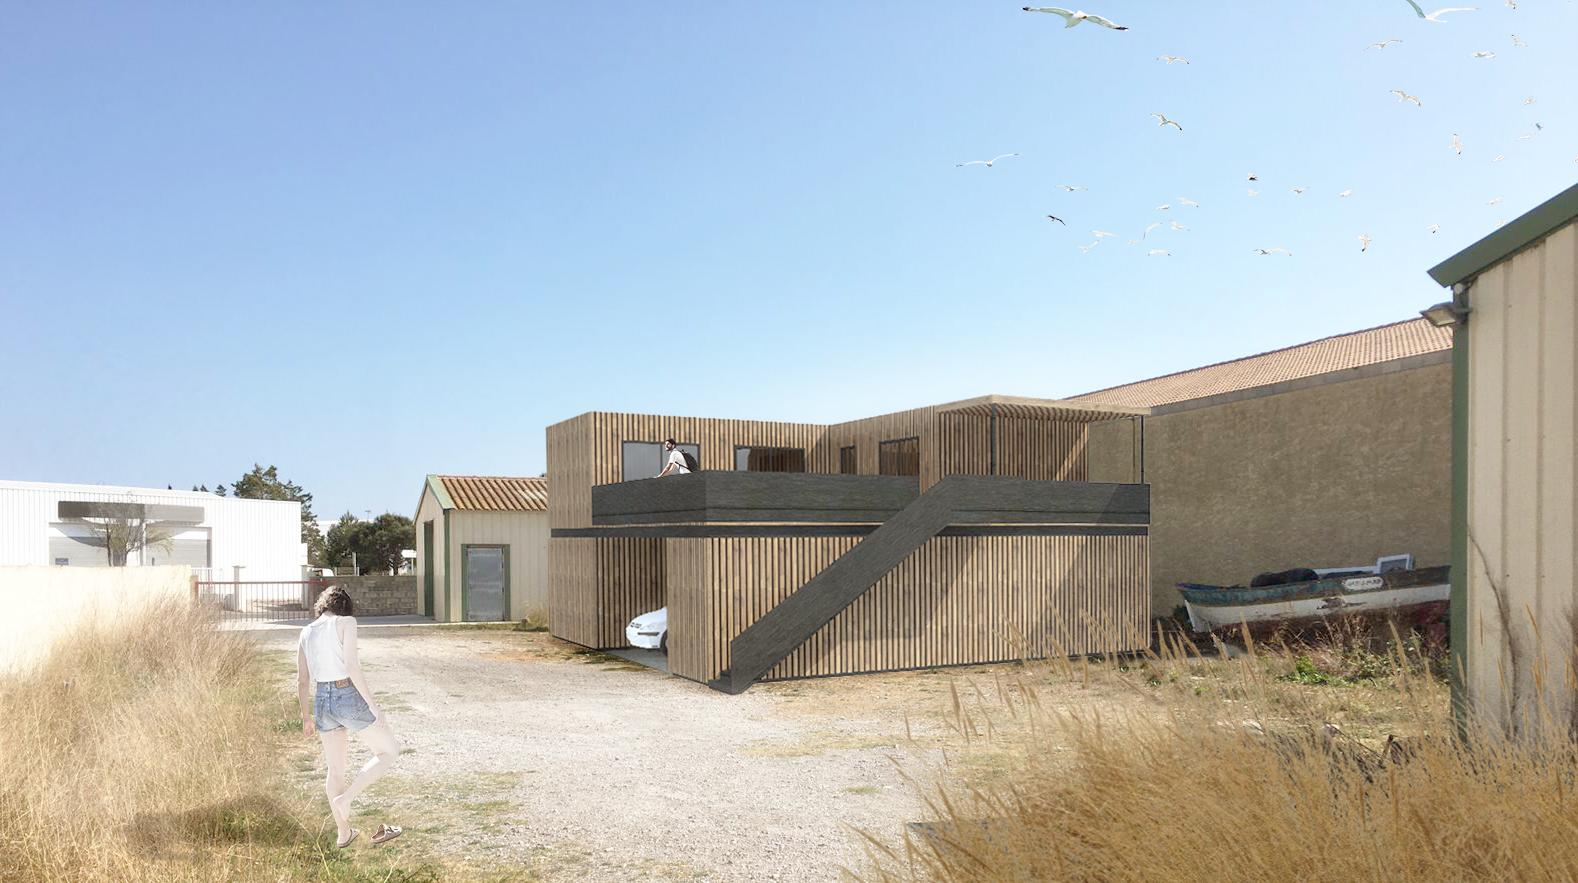 Photomontage du local de stockage et de l'atelier de photographie conçu à partir de 7 containers en quinconce, revêtus d'un bardage bois saturé gris.